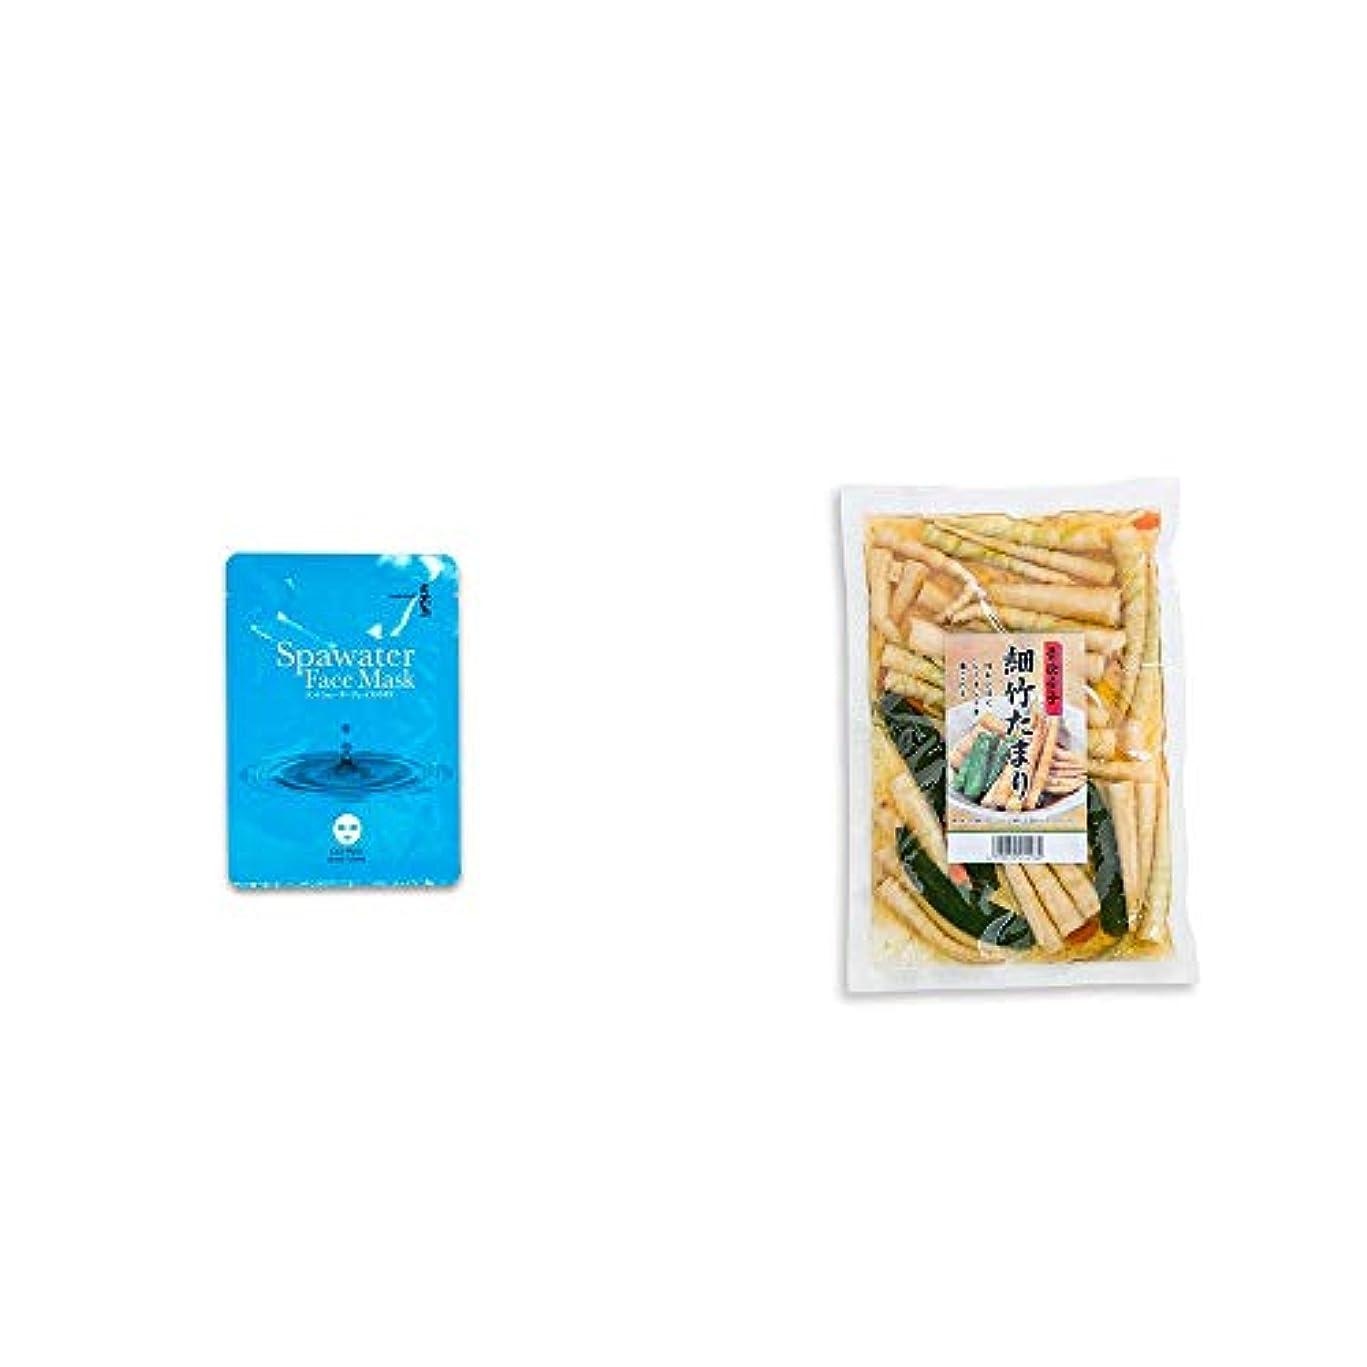 樹木湖ライオネルグリーンストリート[2点セット] ひのき炭黒泉 スパウォーターフェイスマスク(18ml×3枚入)・青唐辛子 細竹たまり(330g)